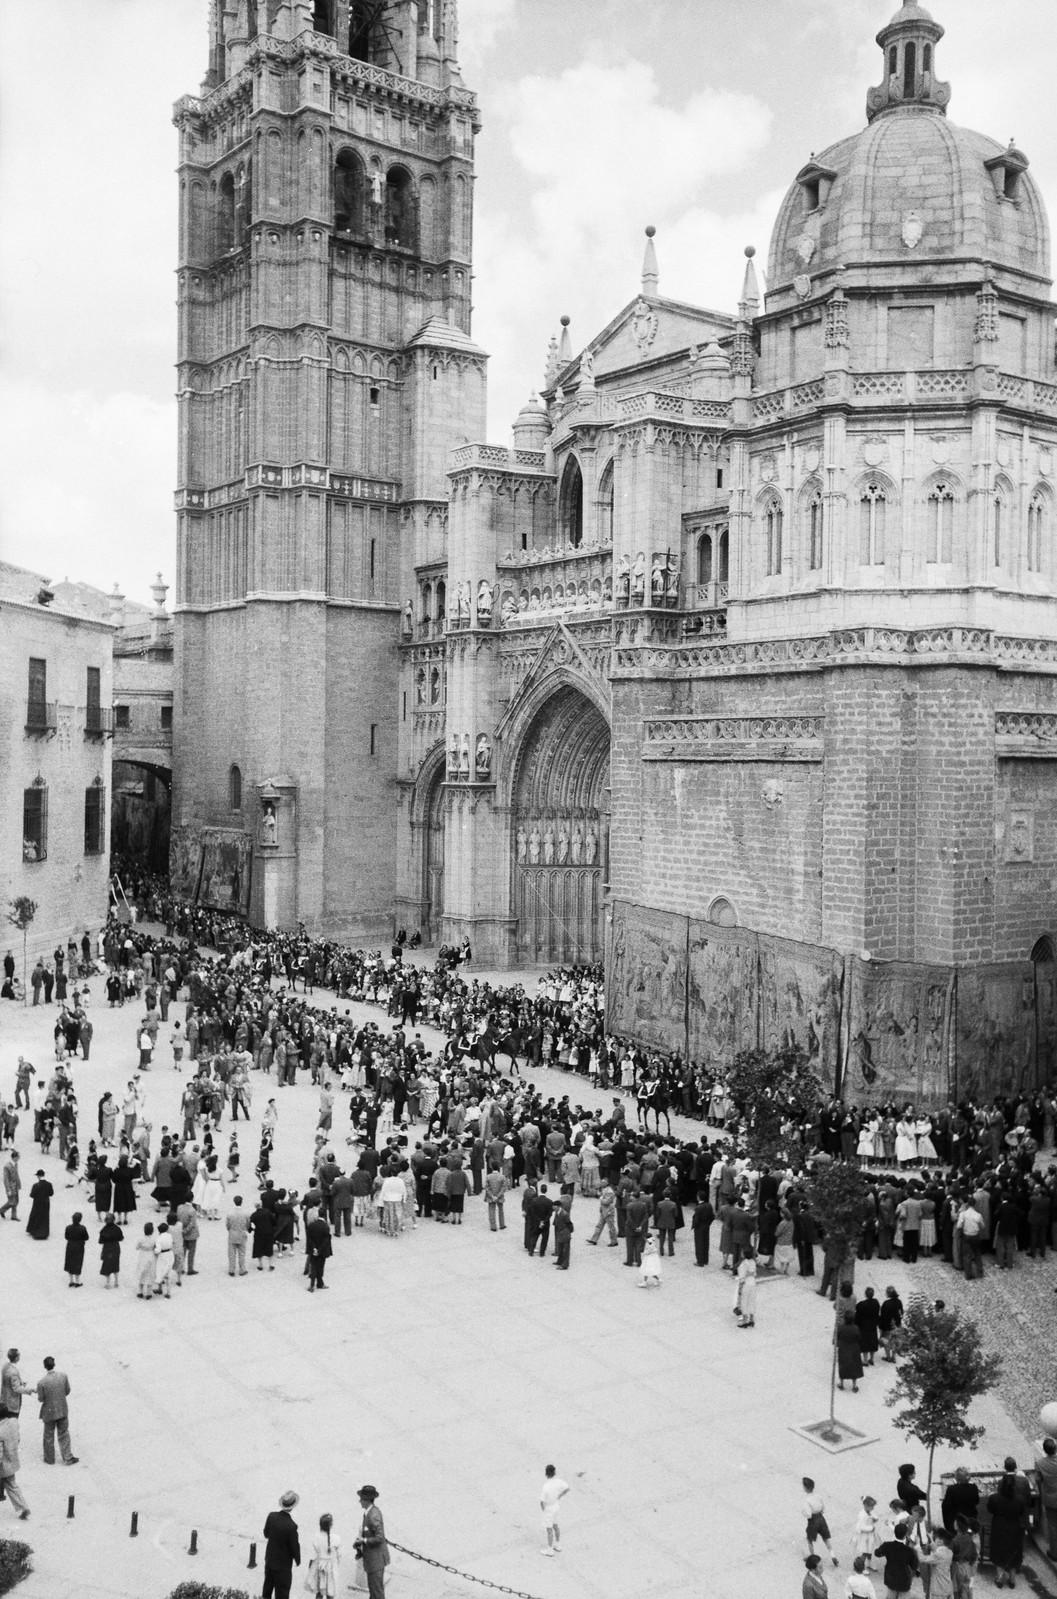 Procesión del Corpus Christi de 1955 en Toledo a su paso por la Plaza del Ayuntamiento y la Catedral © ETH-Bibliothek Zurich